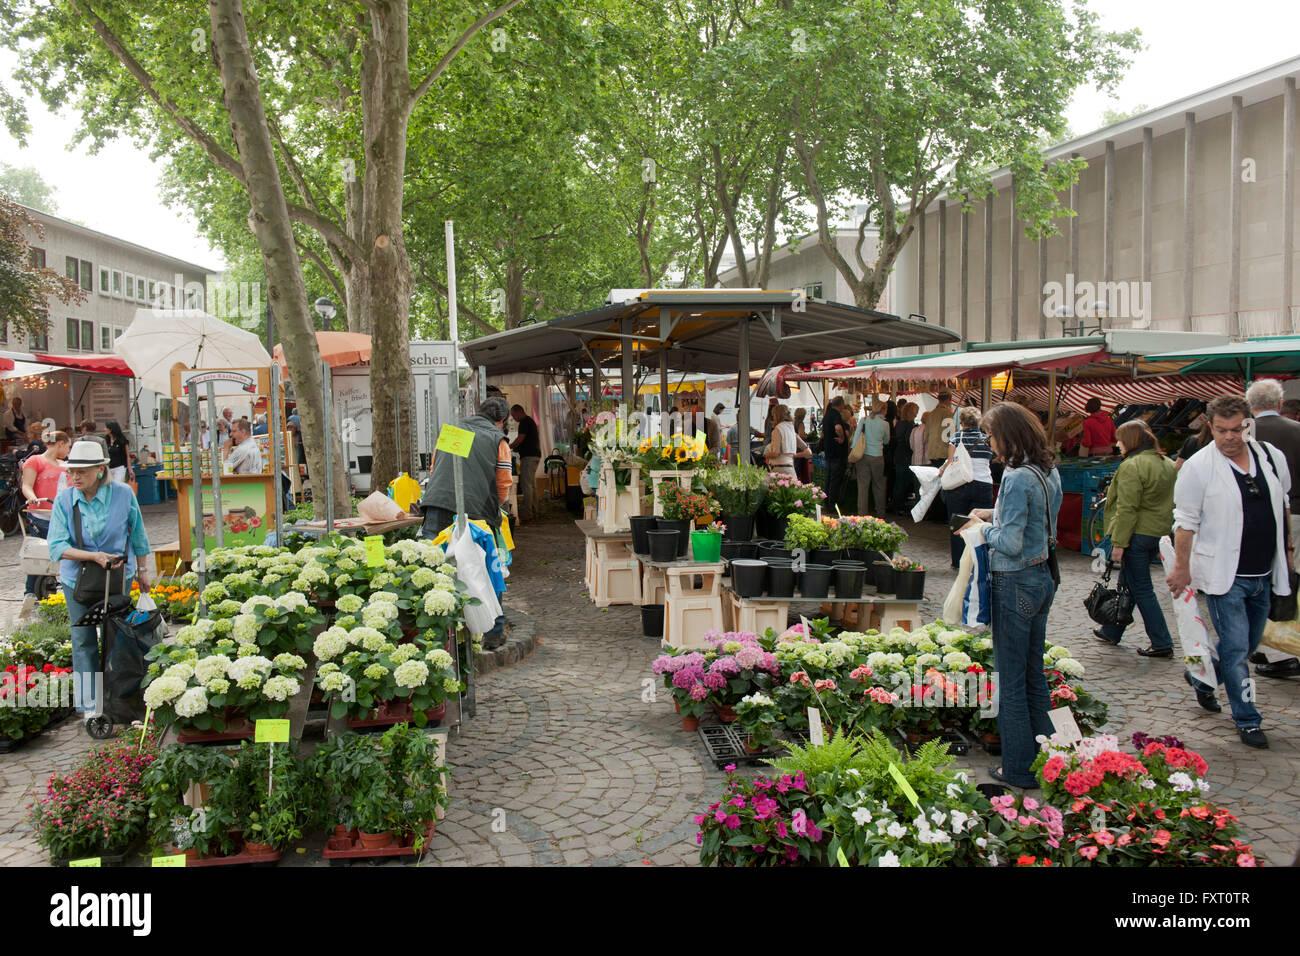 Deutschland, Nordrhein-Westfalen, Köln-Inenstadt, Mittelstrasse, Wochenmarkt an St. Aposteln - Stock Image